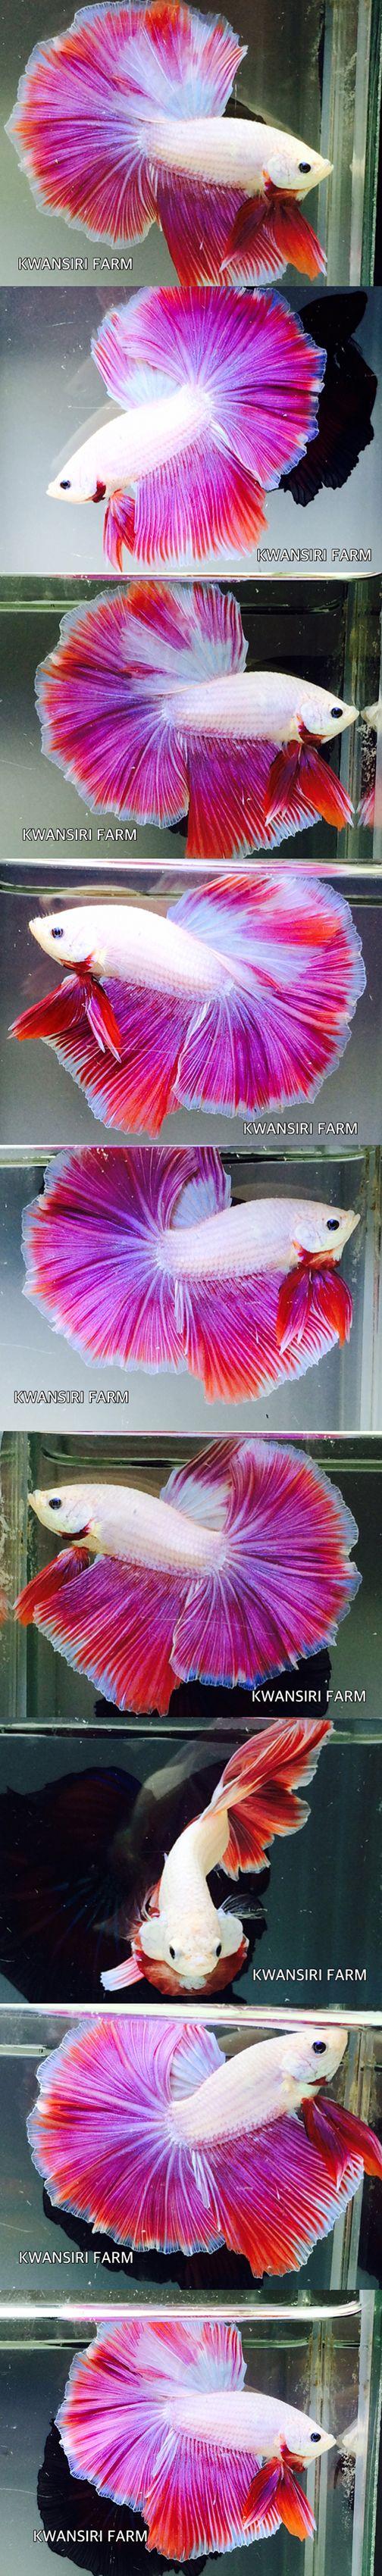 Best 20 betta tank ideas on pinterest betta aquarium for Pink fish tank